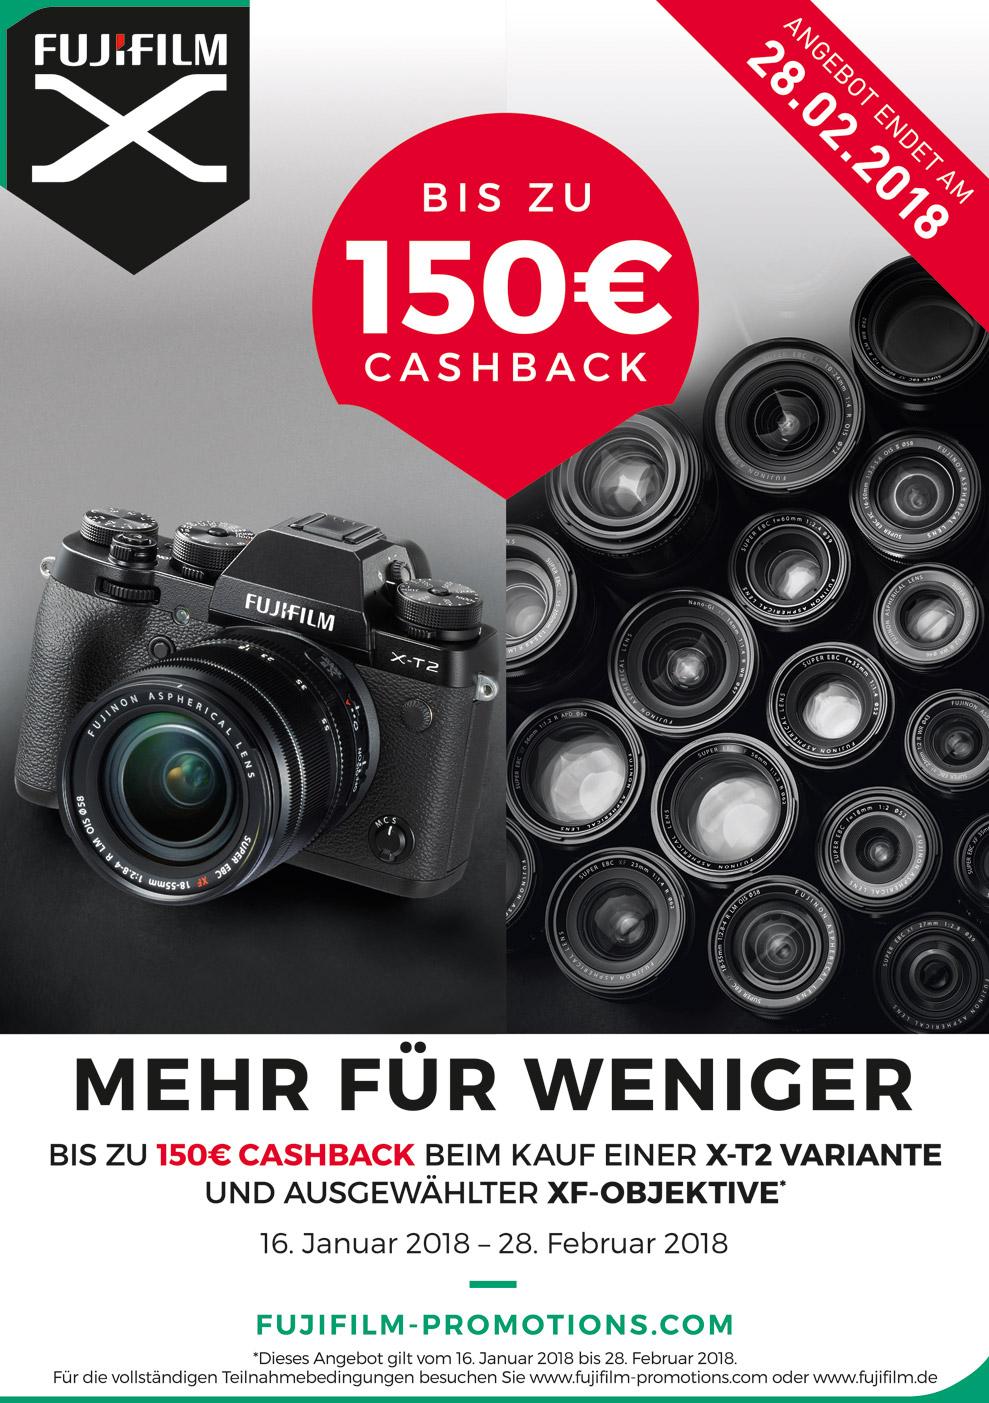 Fujifilm X-T2 Cashback